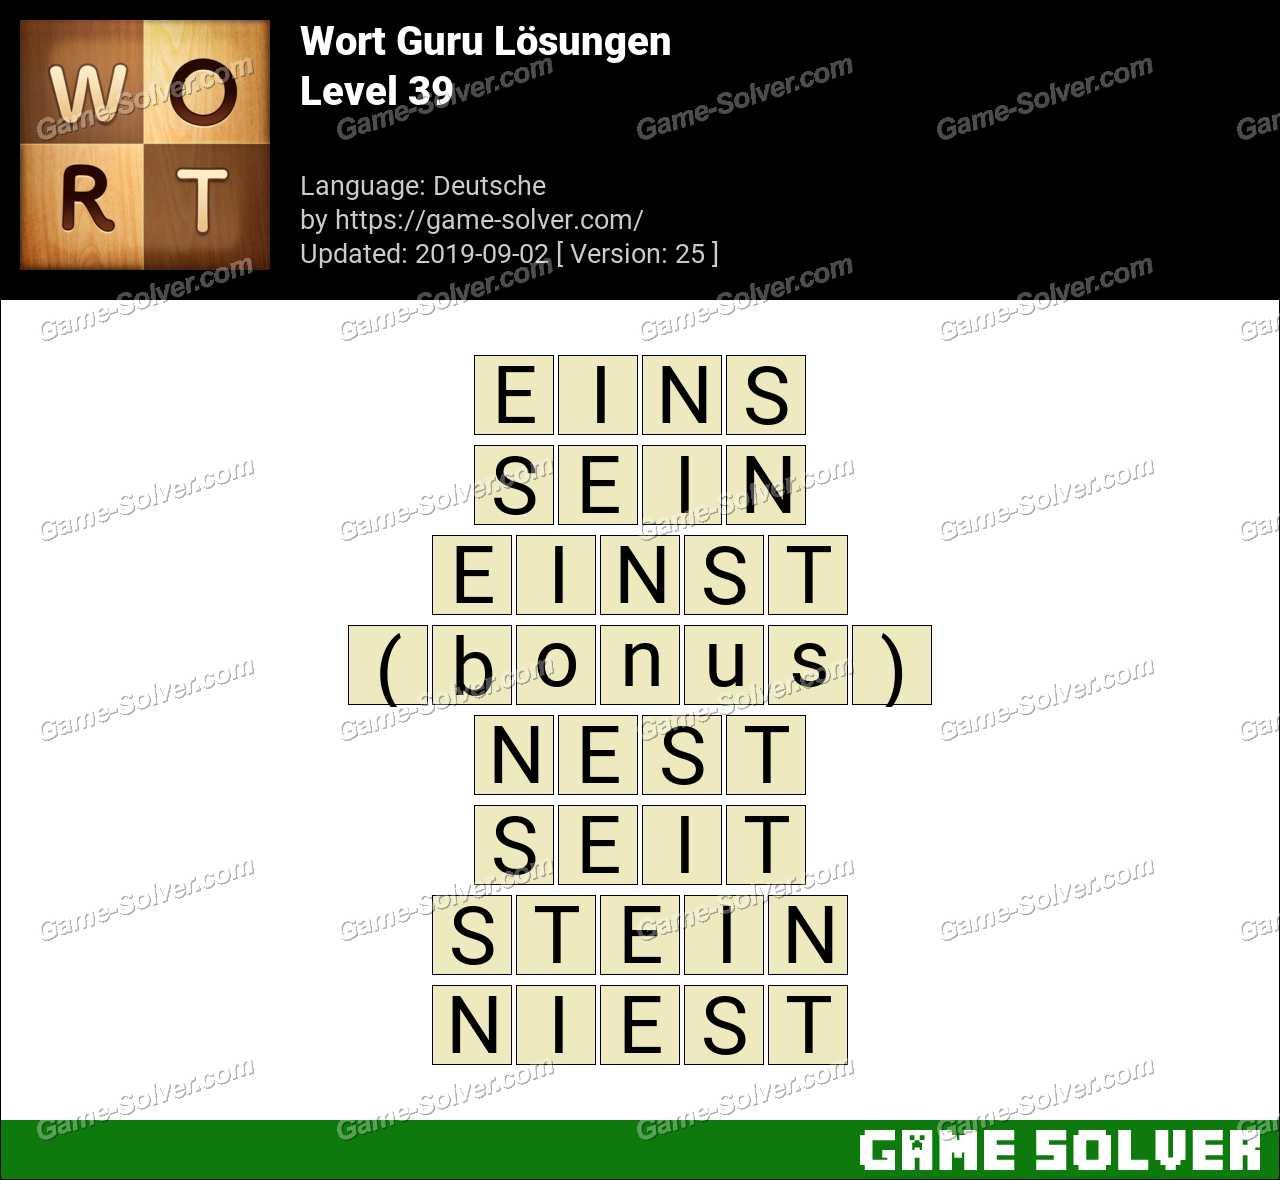 Wort Guru Level 39 Lösungen